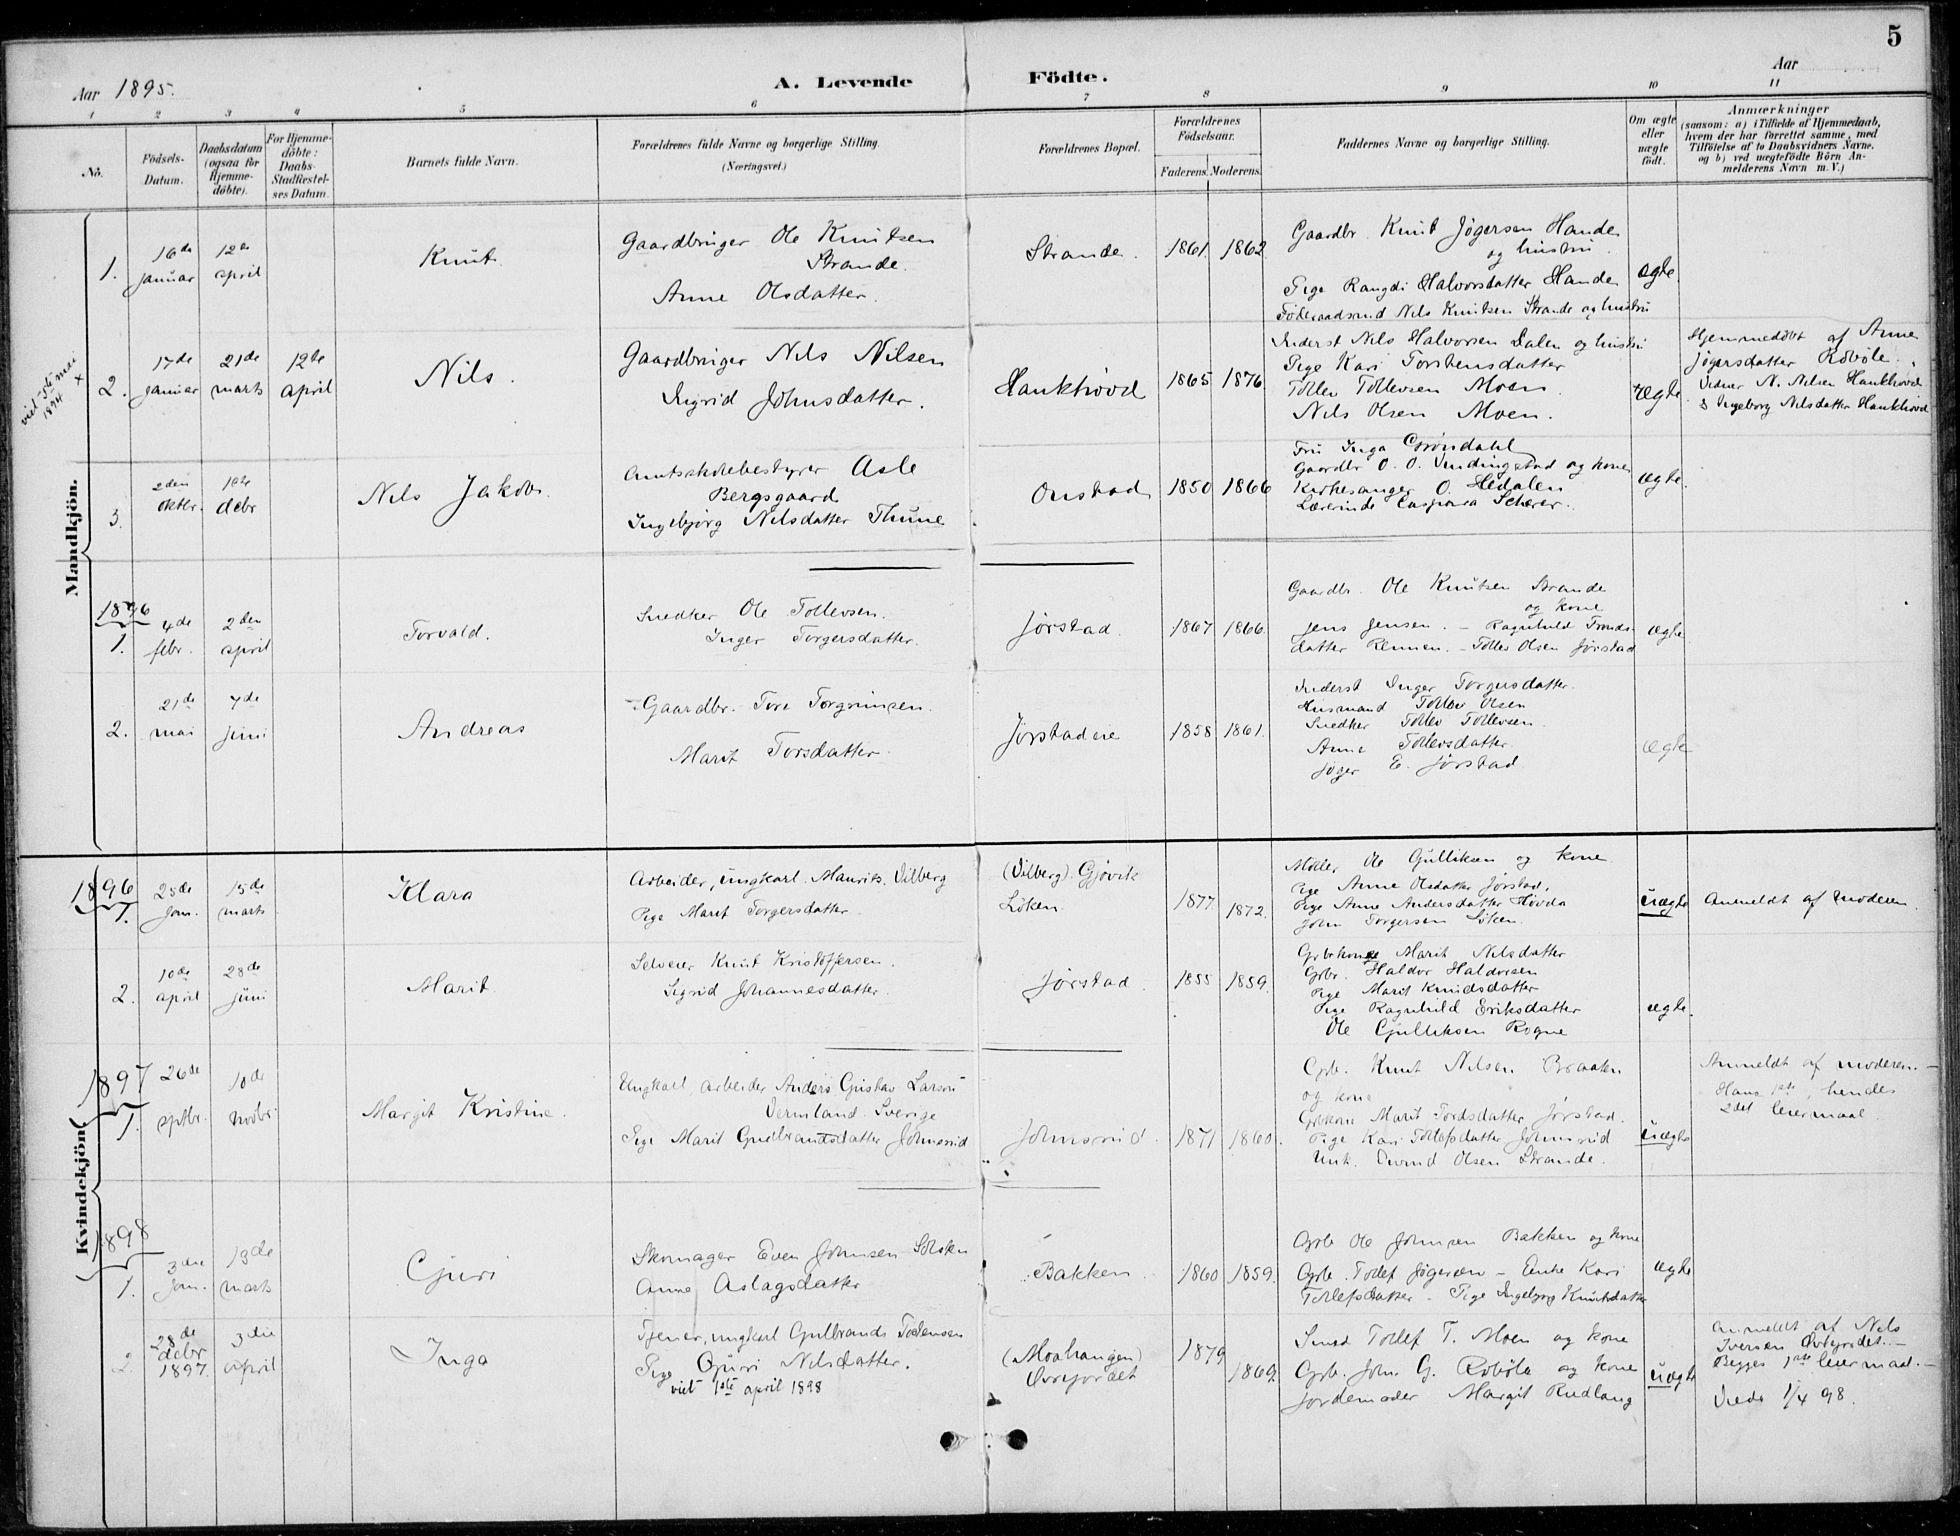 SAH, Øystre Slidre prestekontor, Ministerialbok nr. 5, 1887-1916, s. 5